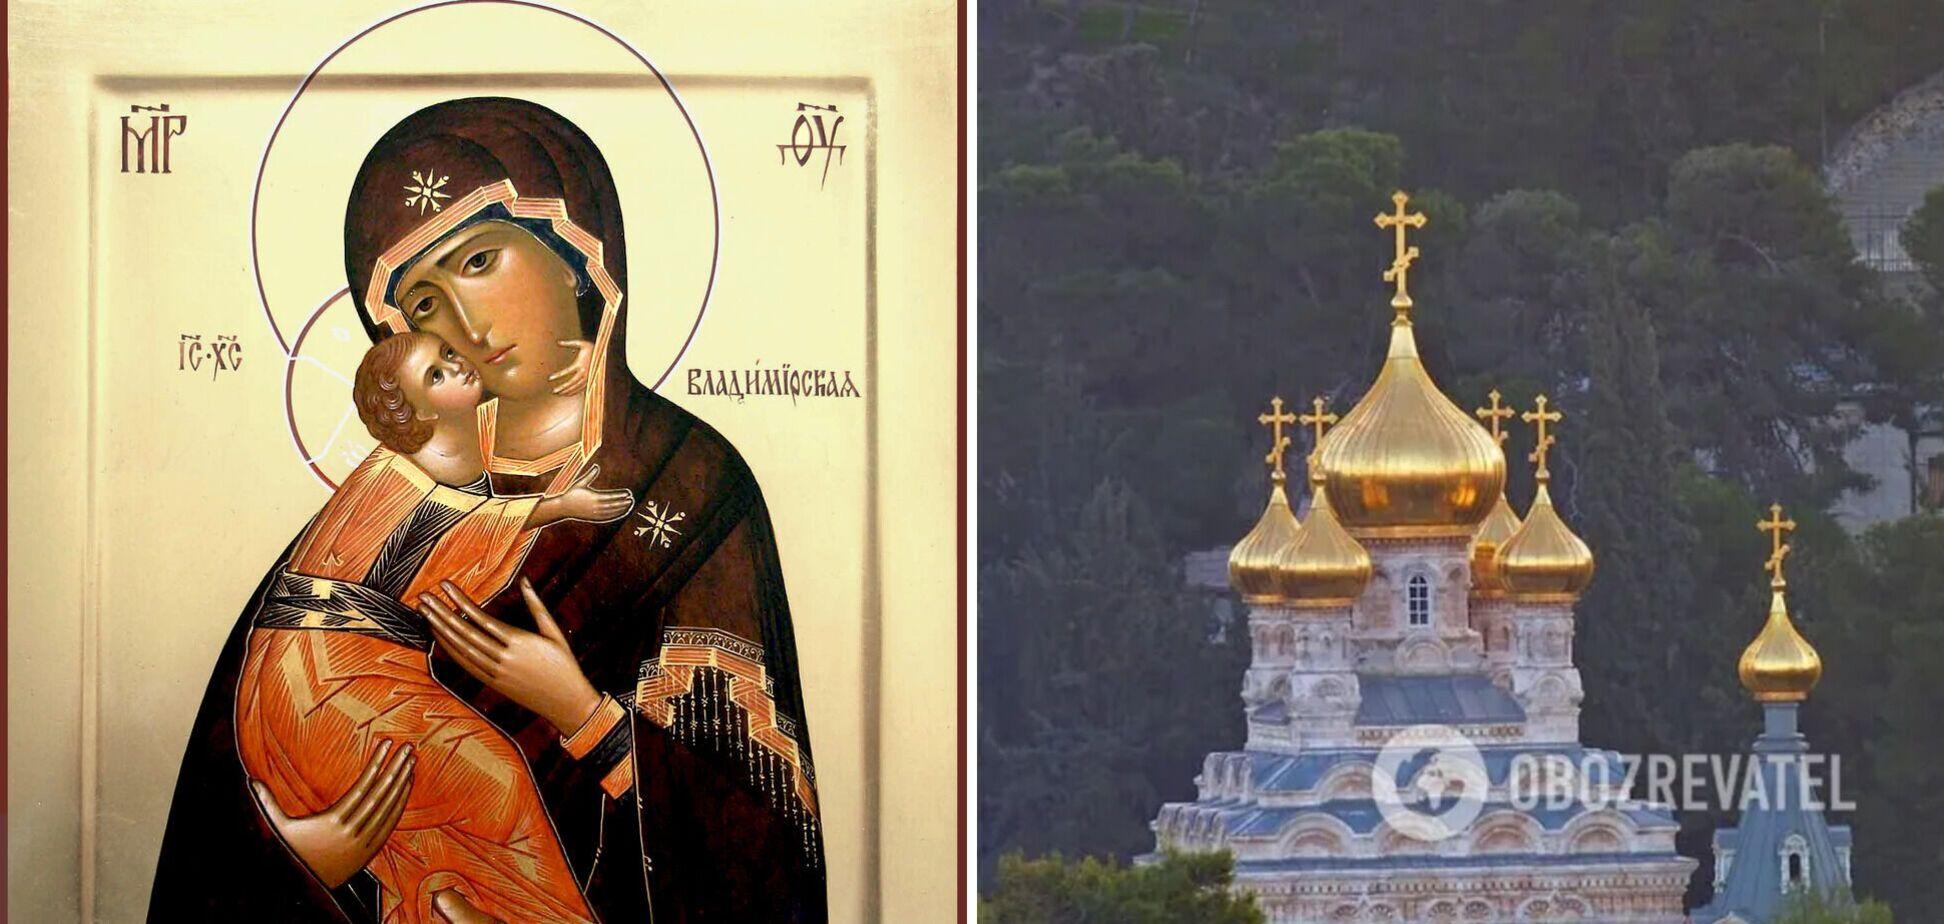 Чудотворна ікона також відома як Вишгородська